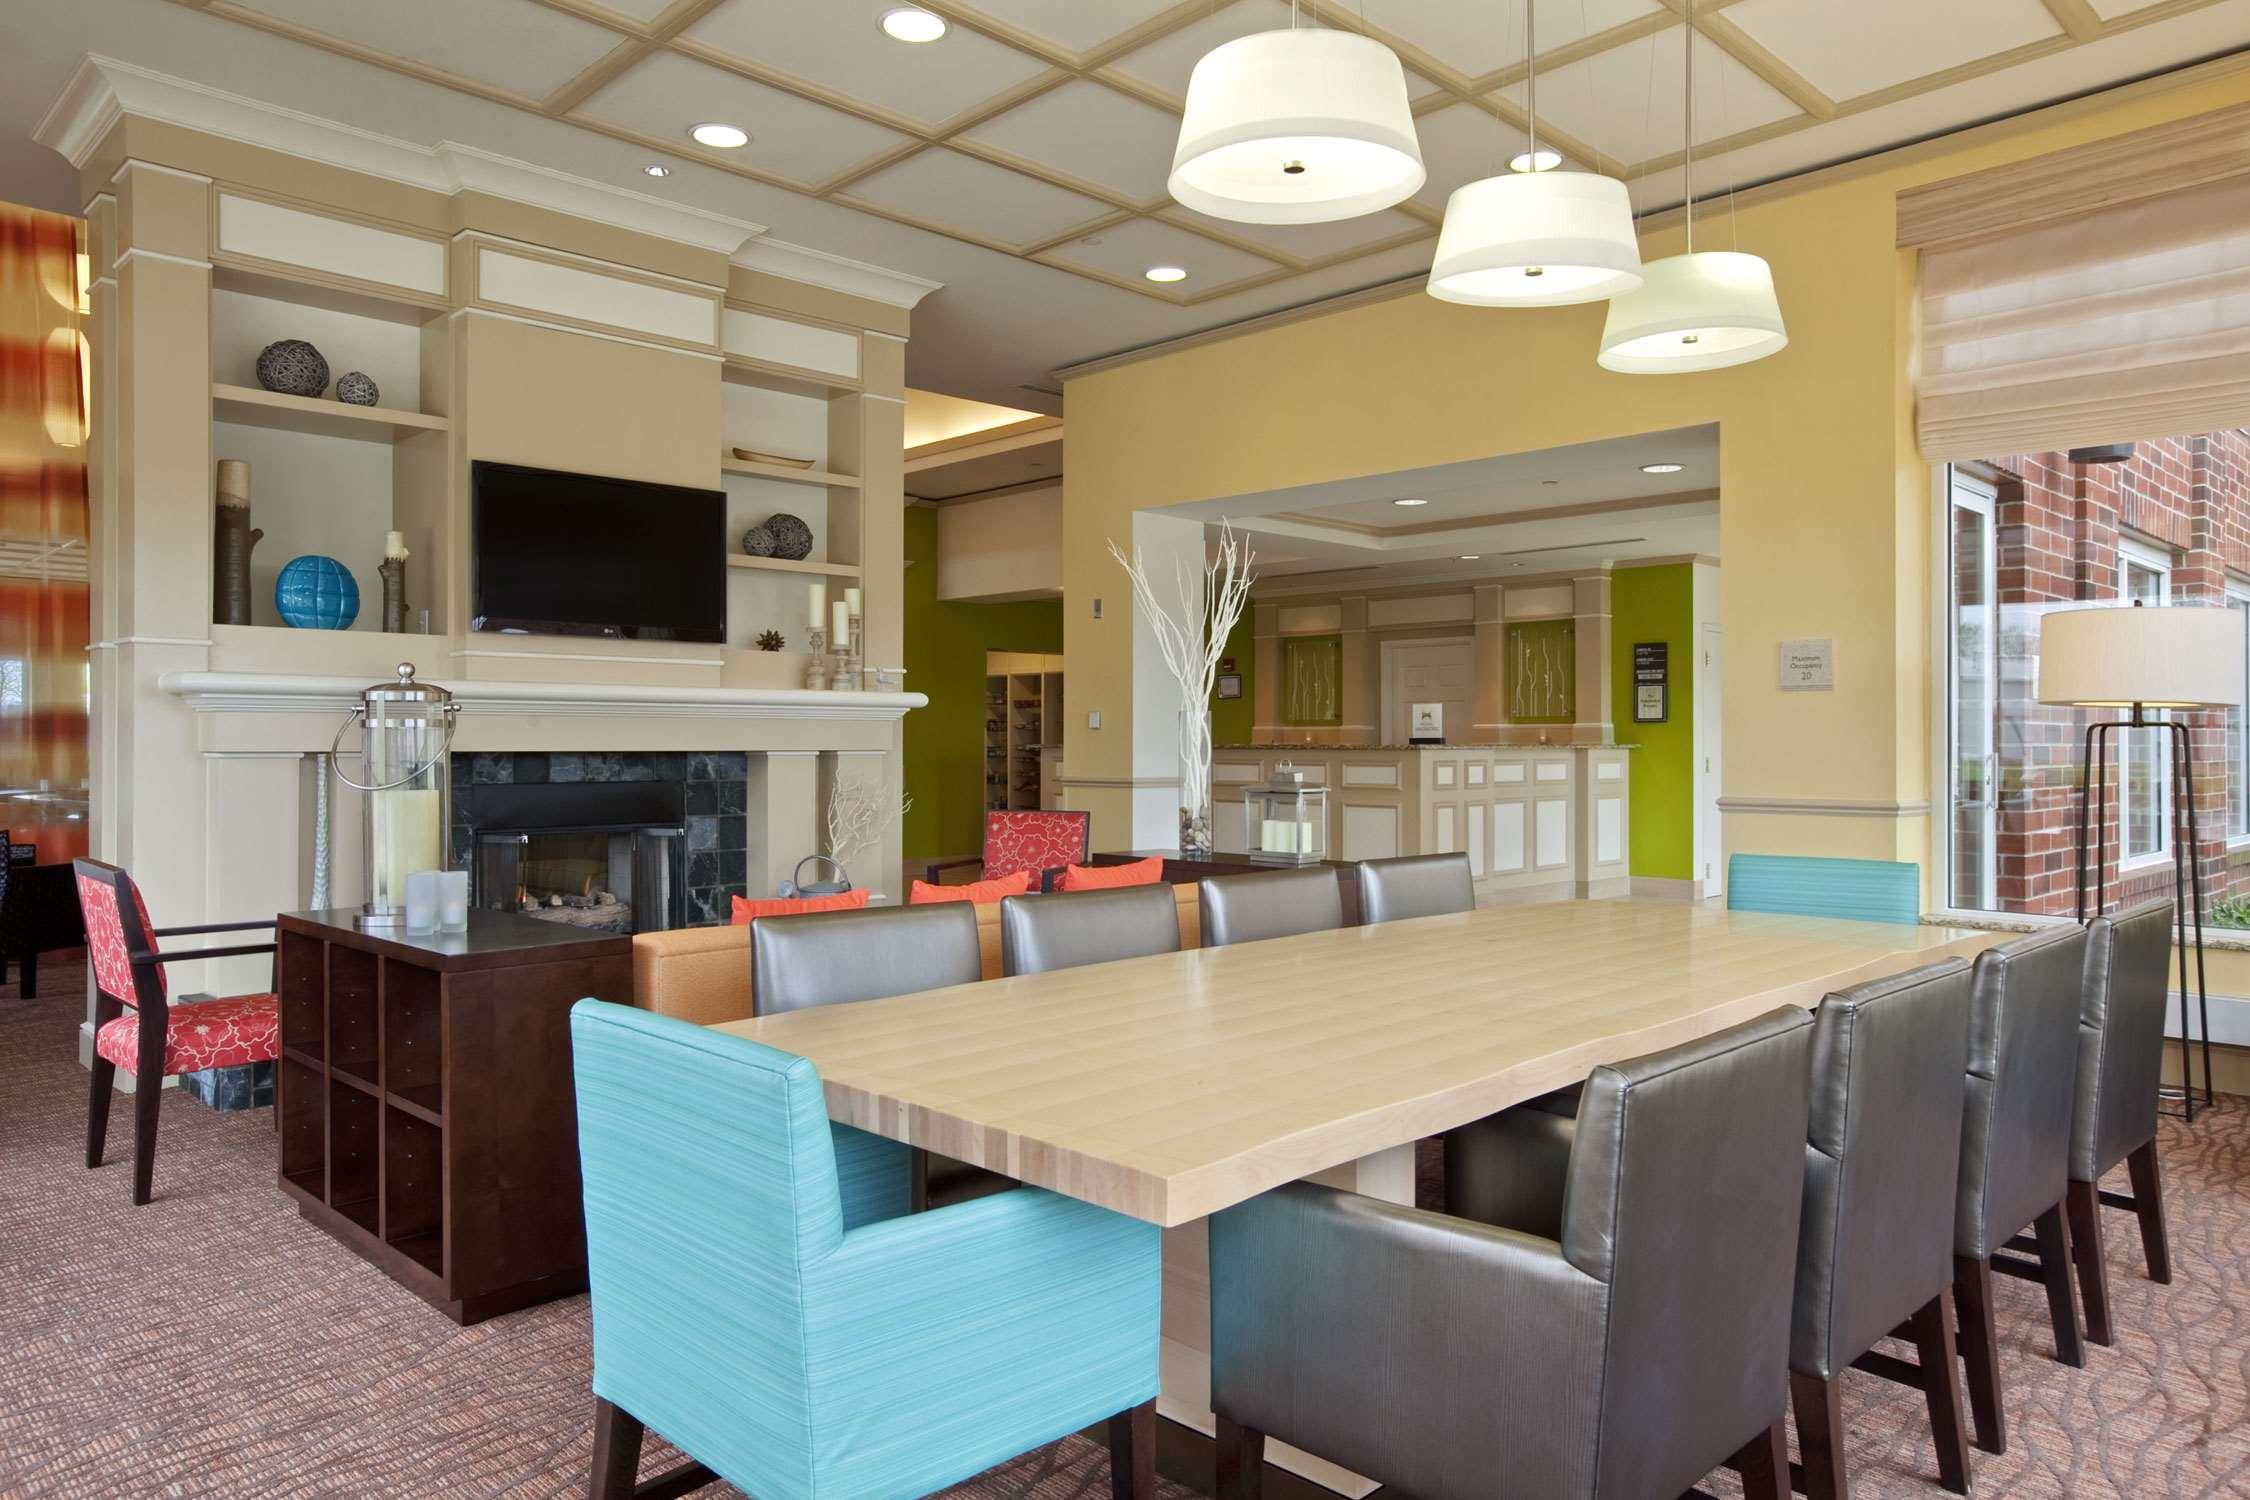 Hilton Garden Inn Hoffman Estates image 6